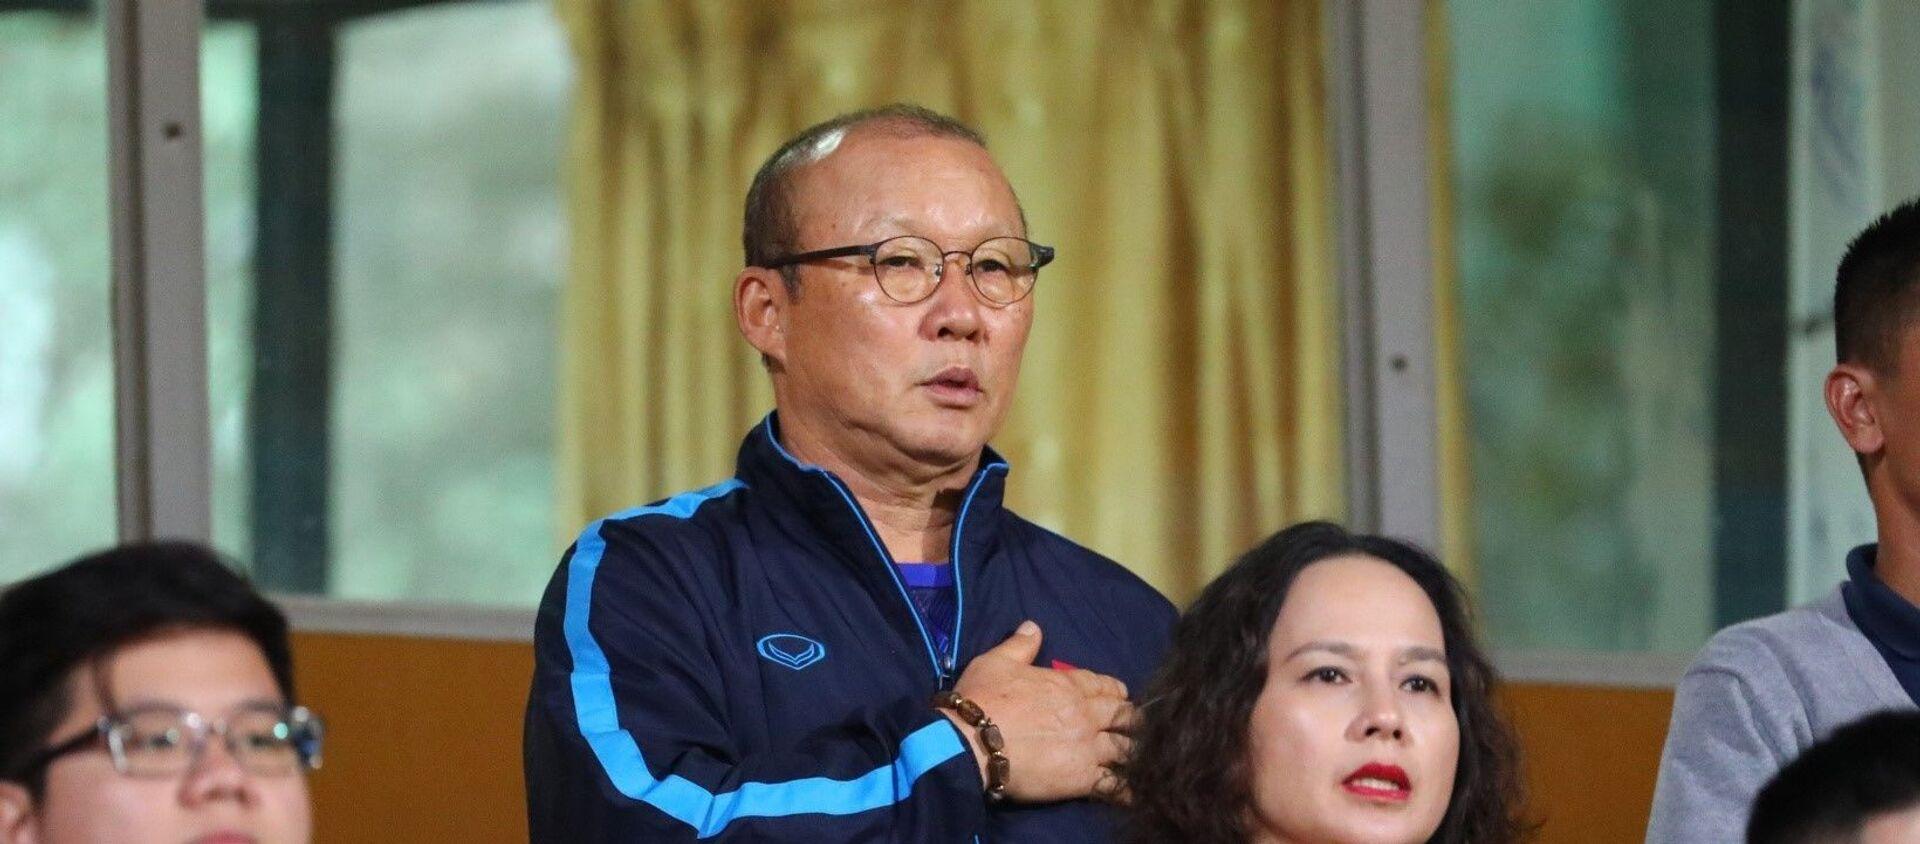 HLV trưởng Đội tuyển bóng đá Việt Nam Park Hang Seo có mặt trên khán đài sân vận động Hàng Đẫy. - Sputnik Việt Nam, 1920, 23.11.2020